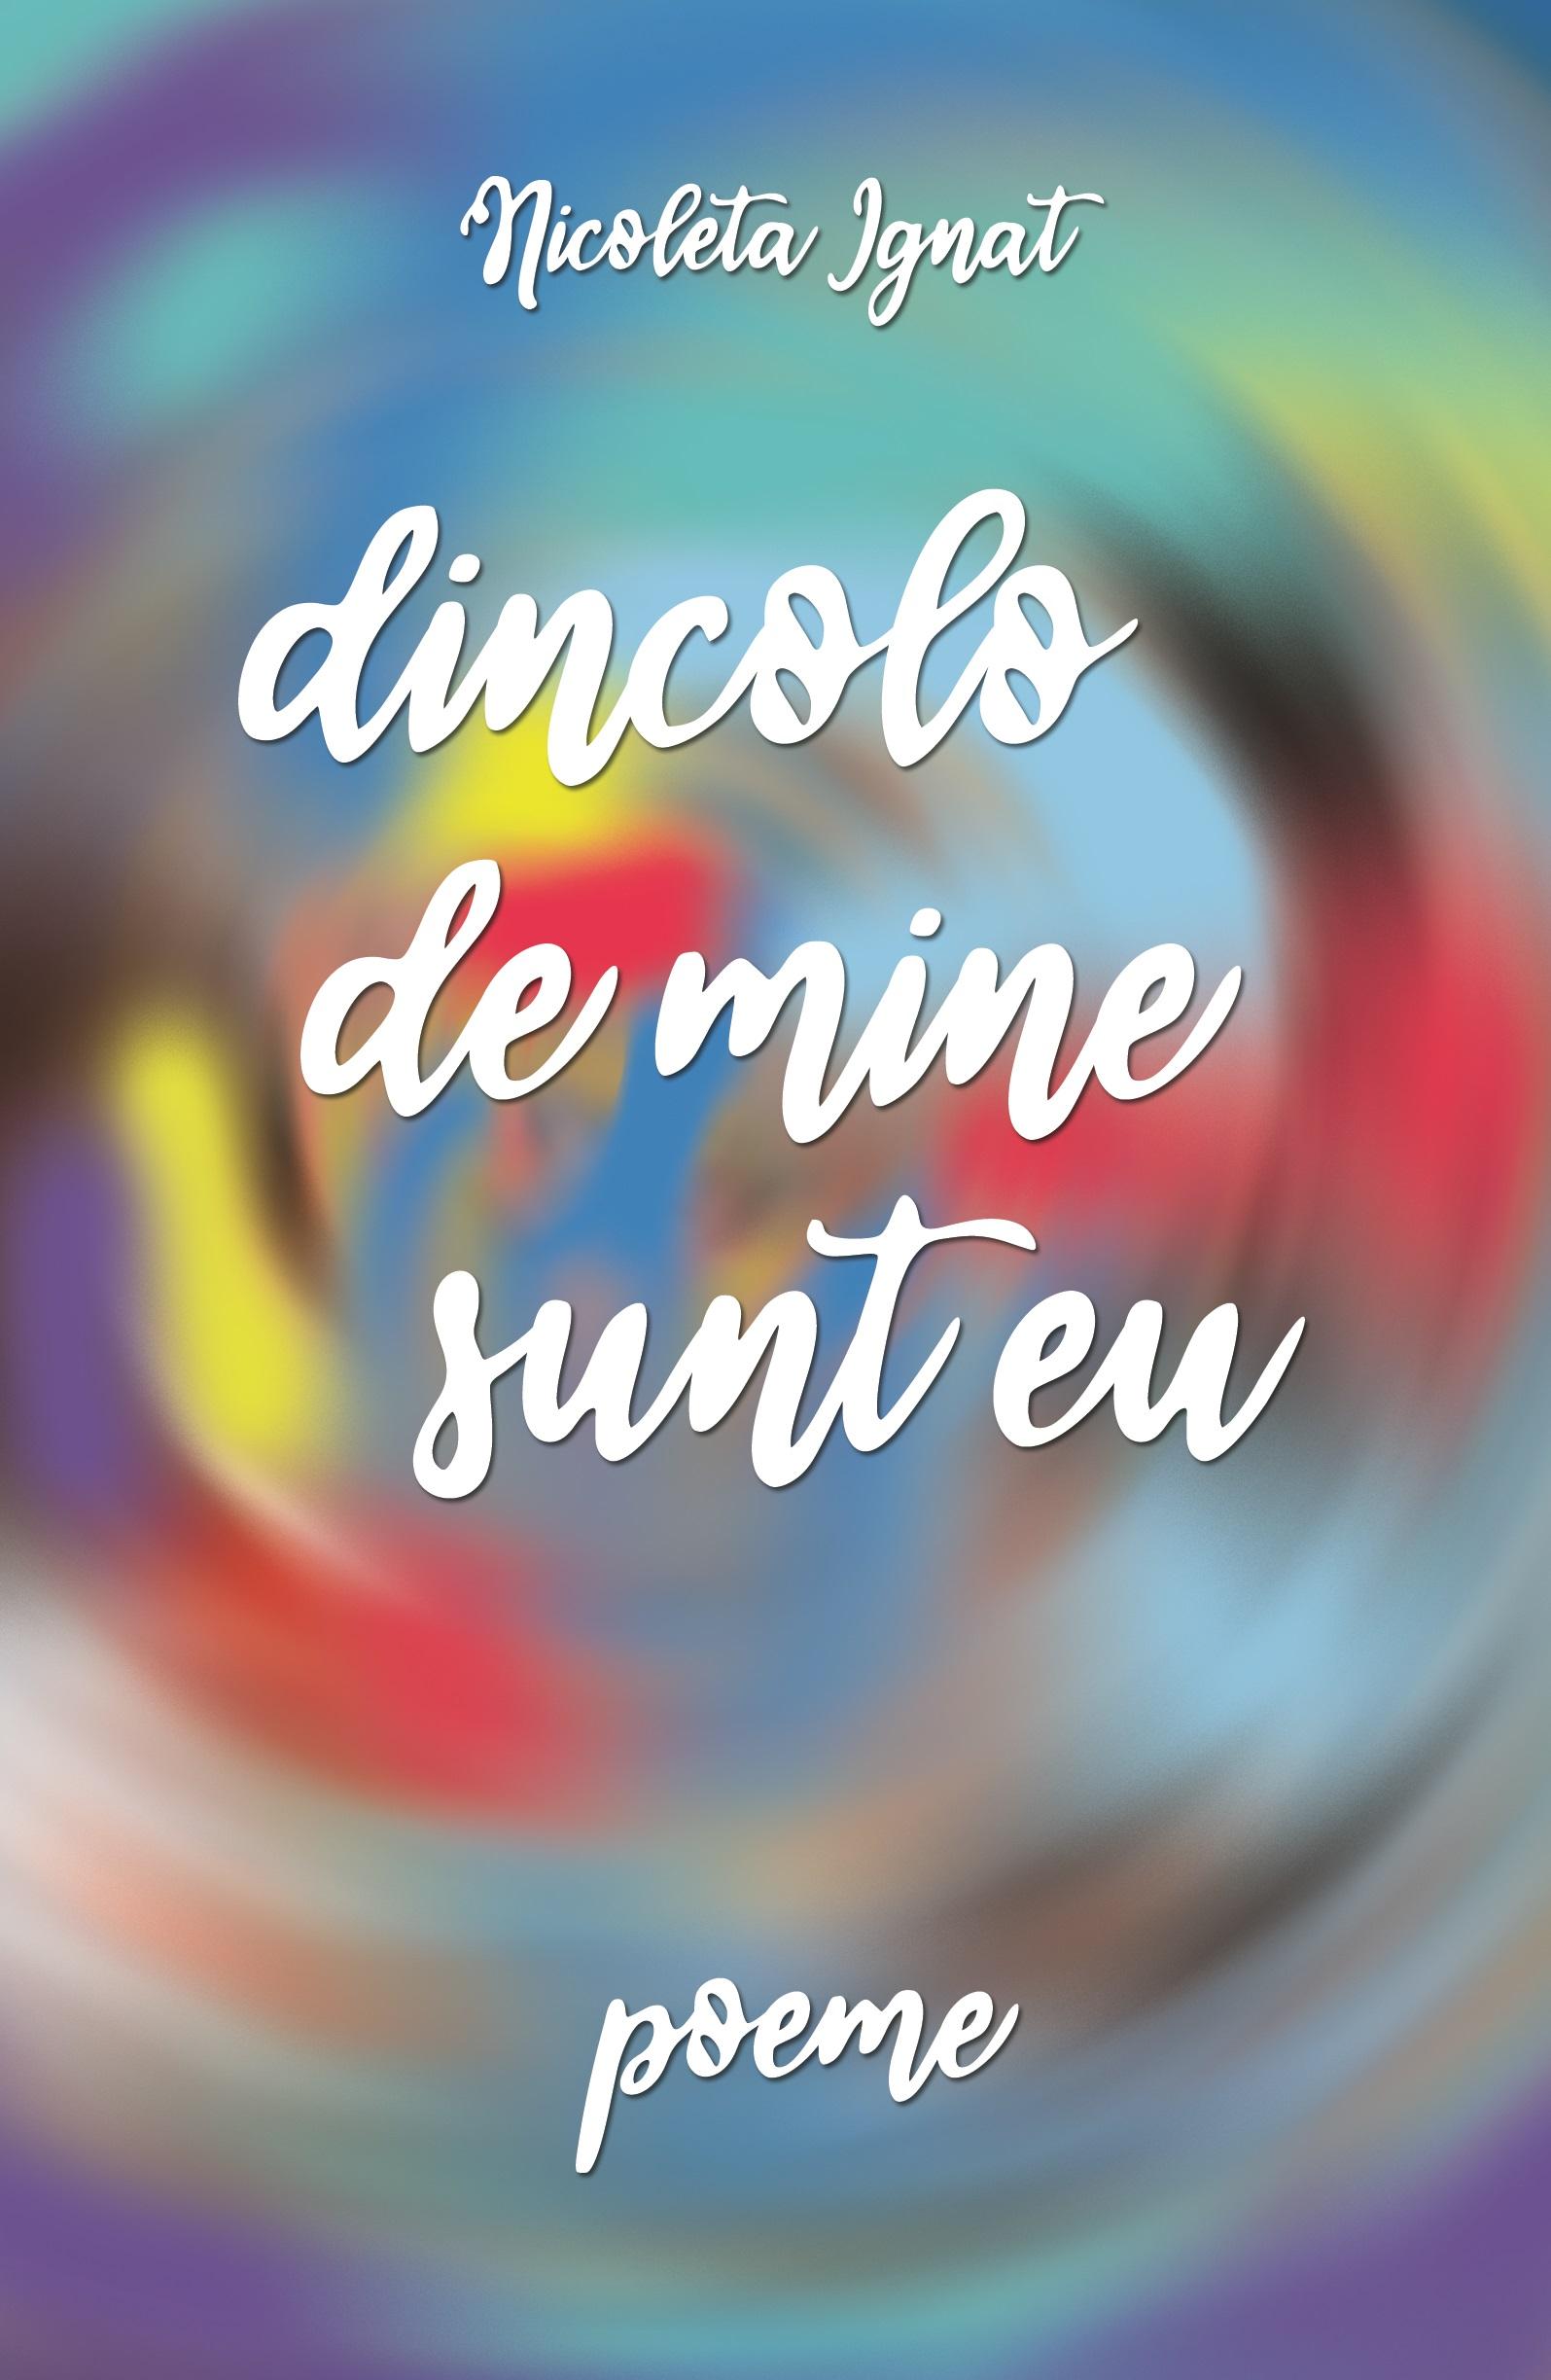 coperta Dincole de mine sunt eu - poeme_Nicoleta Ignat - Editura Letras